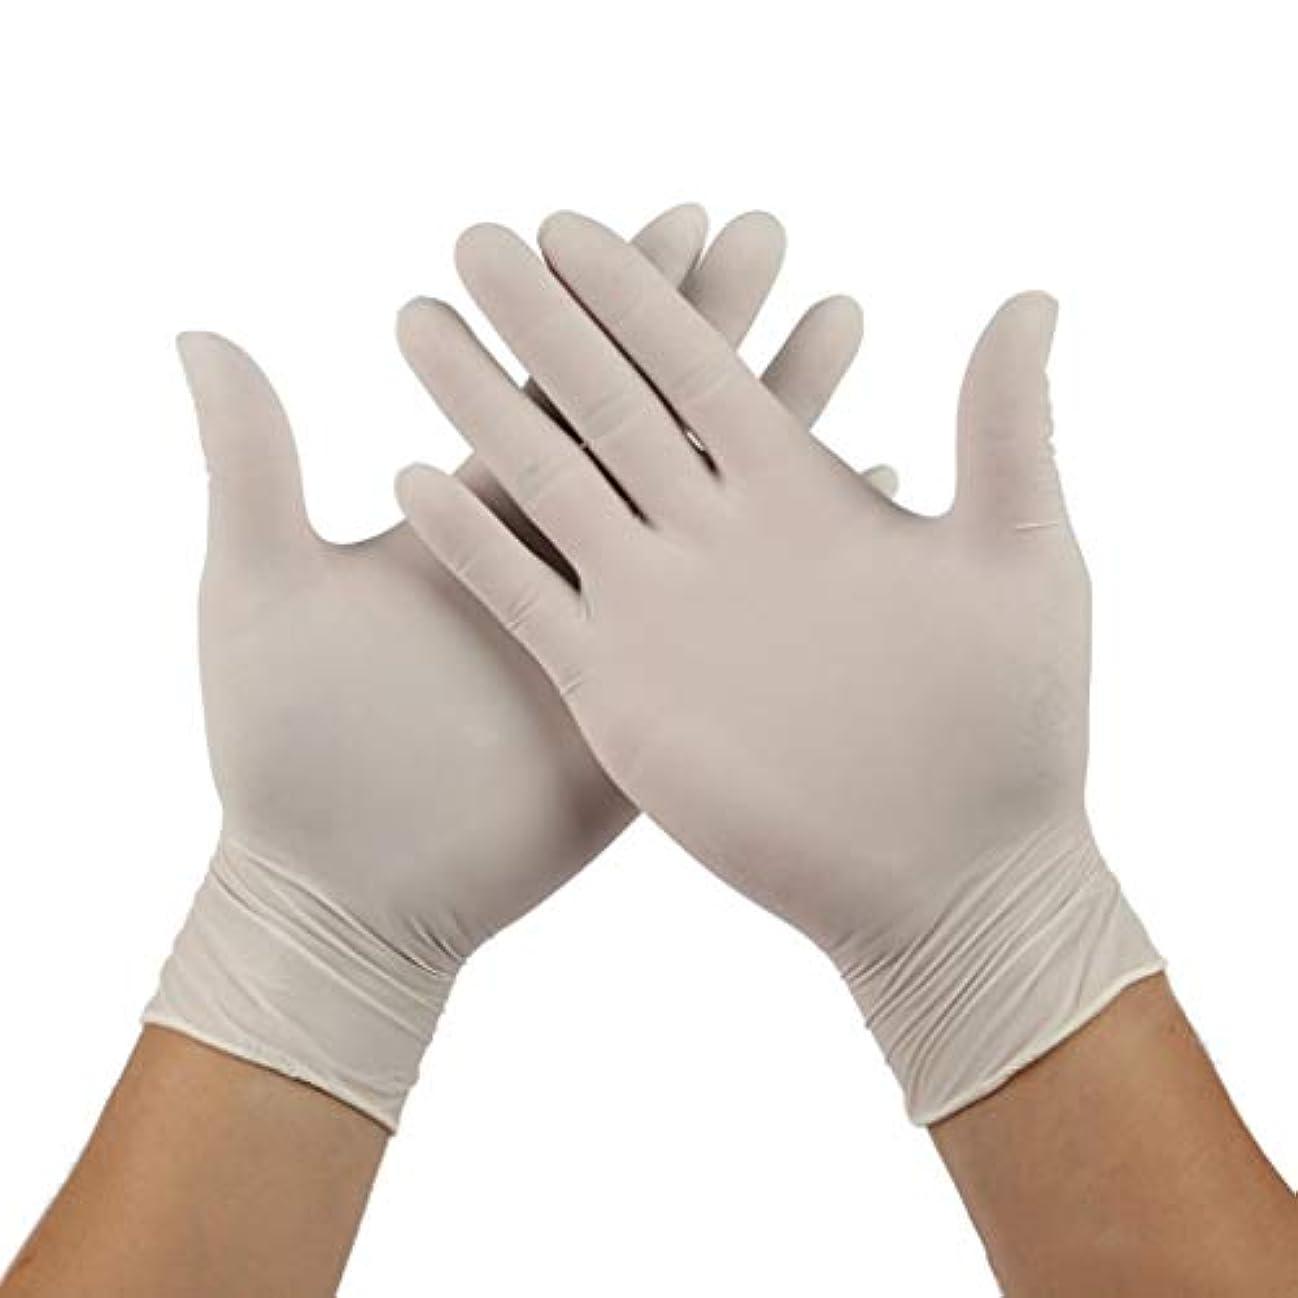 食品ケータリング家事使い捨て手袋 - 100厚労働保険タトゥー保護ゴムNBR YANW (色 : 白, サイズ さいず : M m)